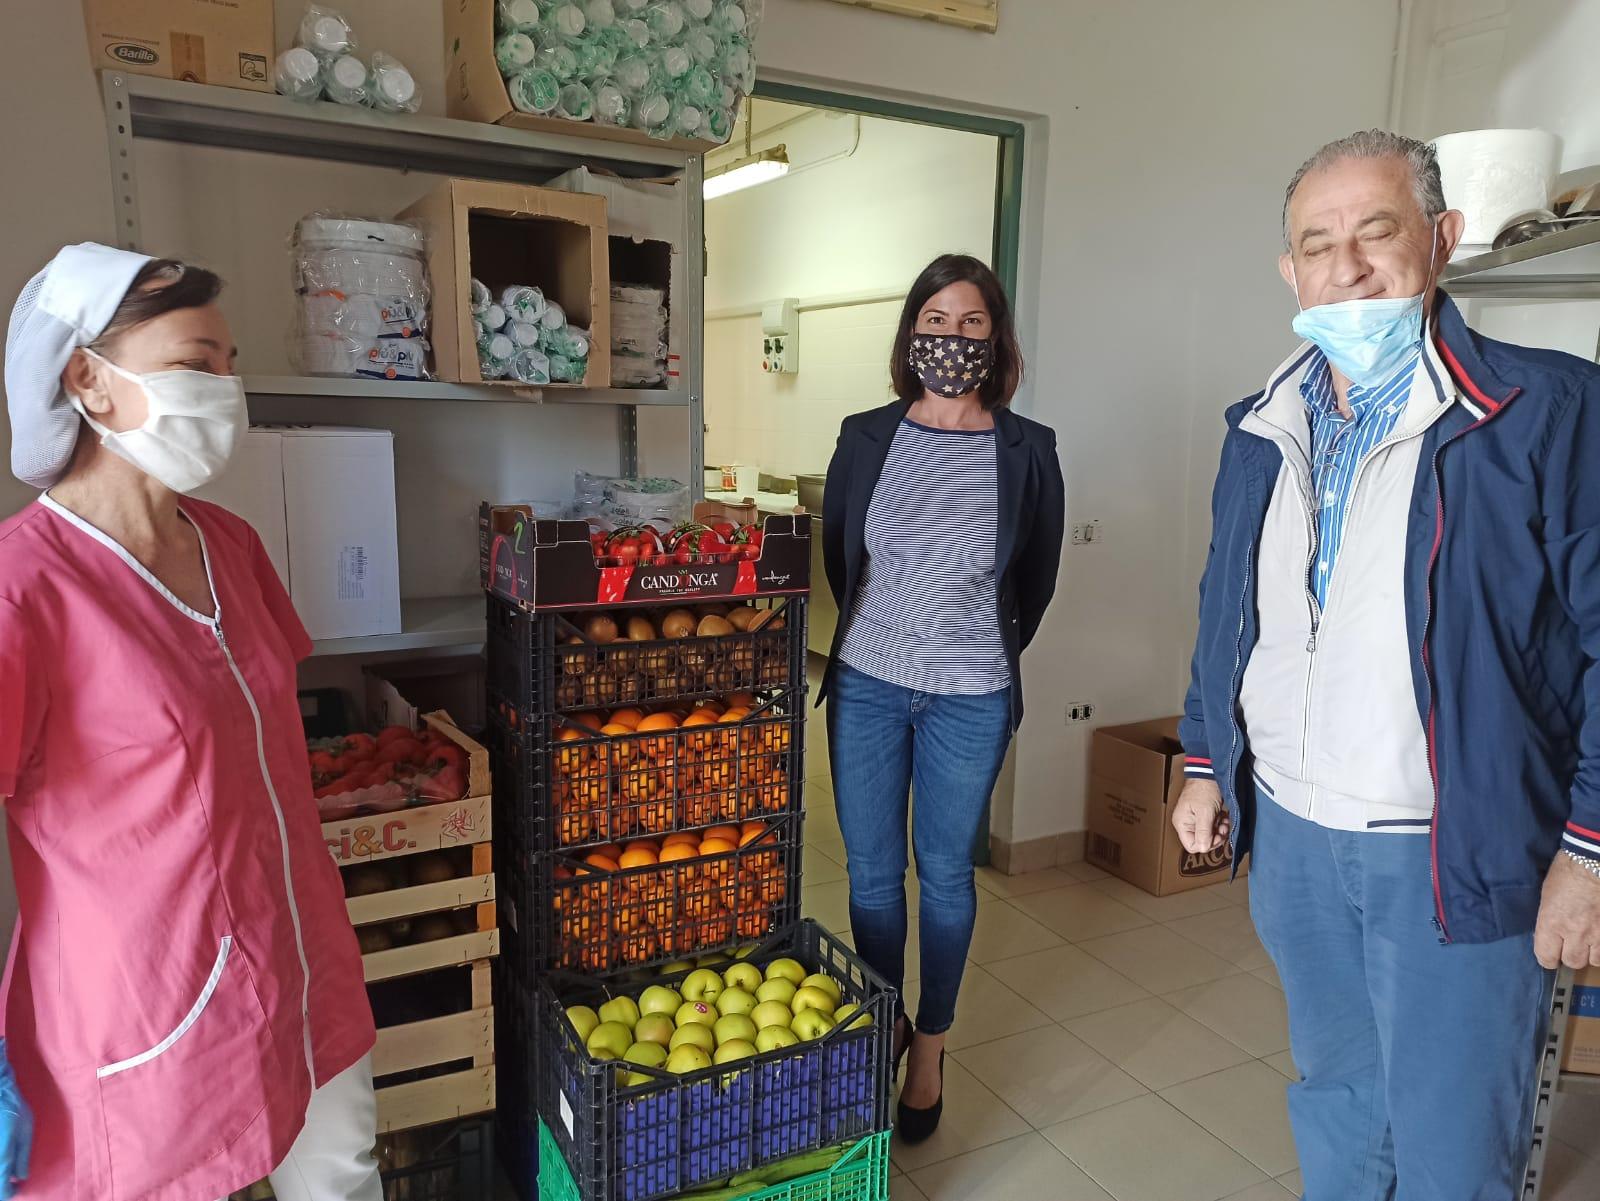 Donazione di due quintali di frutta e verdura alla casa di riposo di Atri (Te) da parte dell'avvocato Giulia Palestini, presidente dell'Assemblea dei portatori di interesse dell'Asp 2